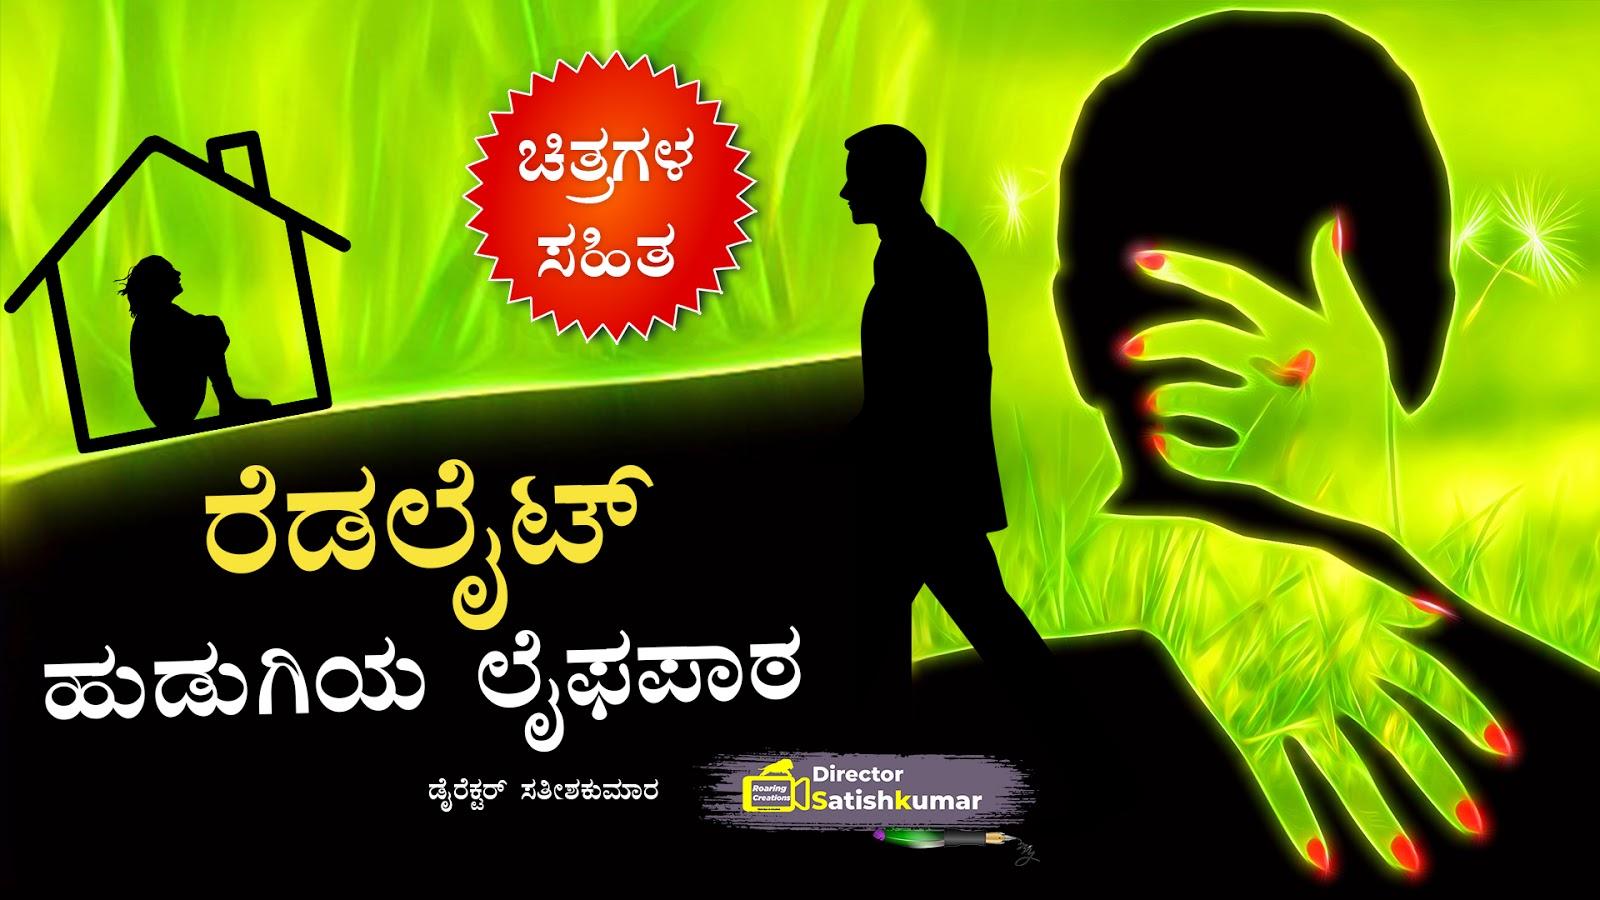 ರೆಡಲೈಟ್ ಹುಡುಗಿಯ ಲೈಫಪಾಠ - Kannada Romantic Story